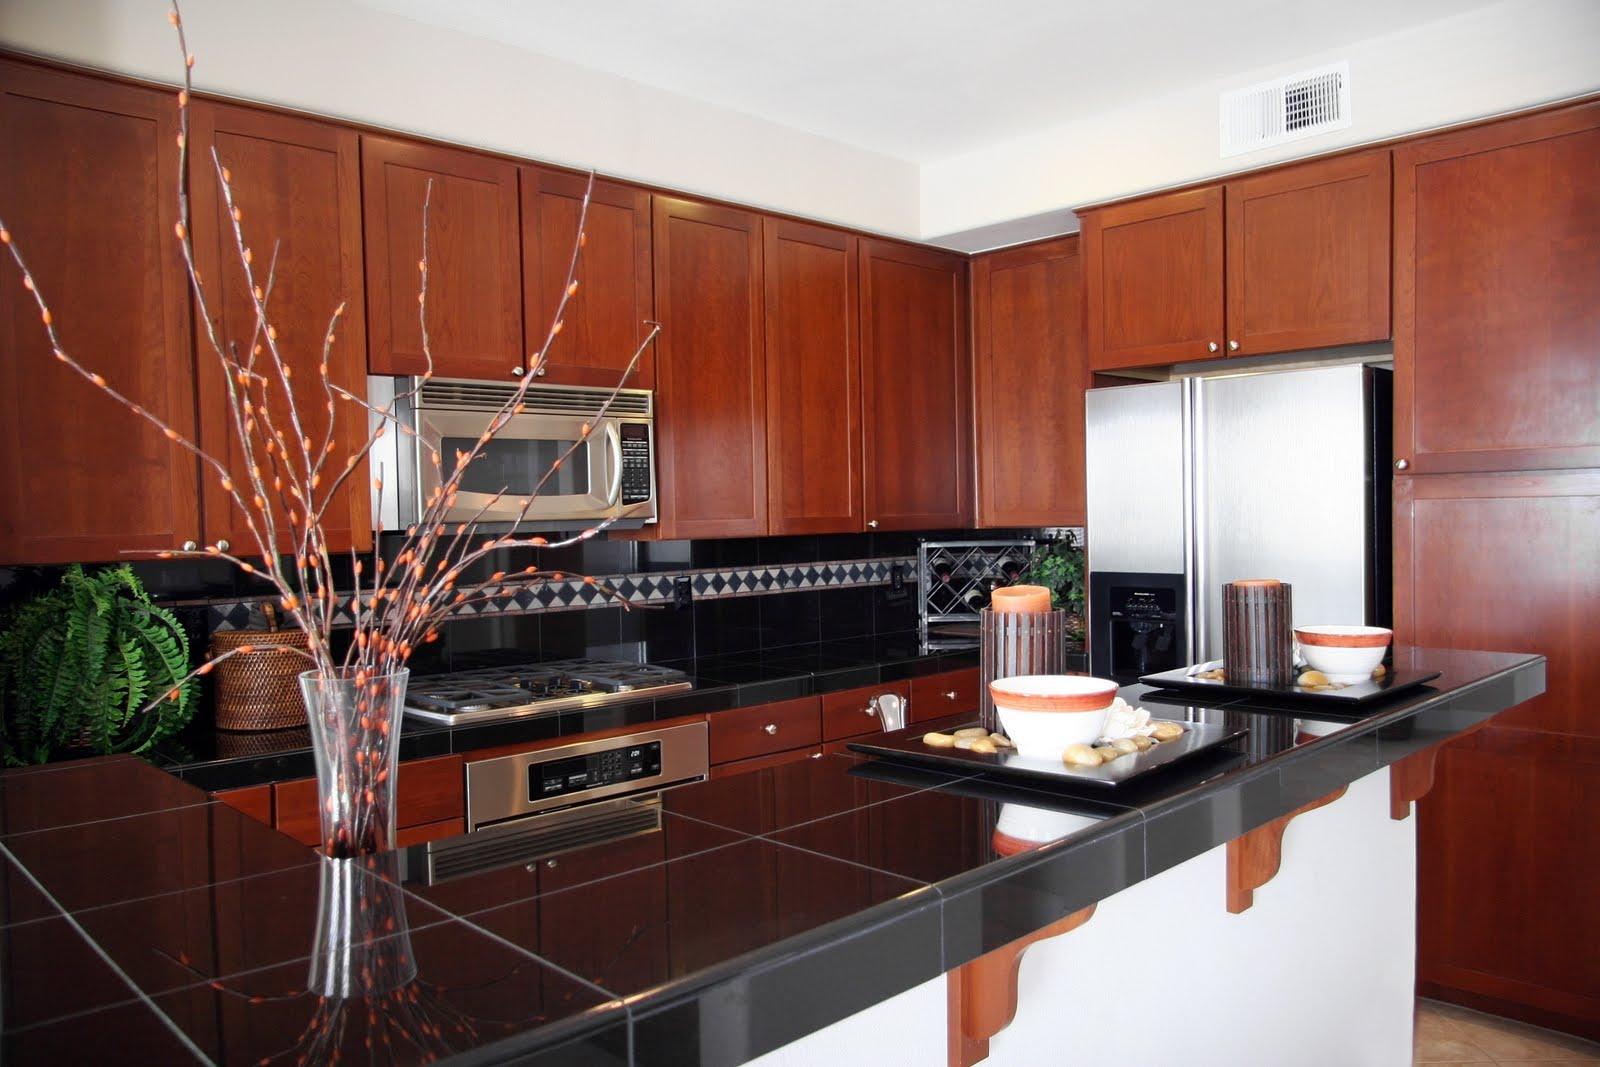 kitchen interior design ideas 95